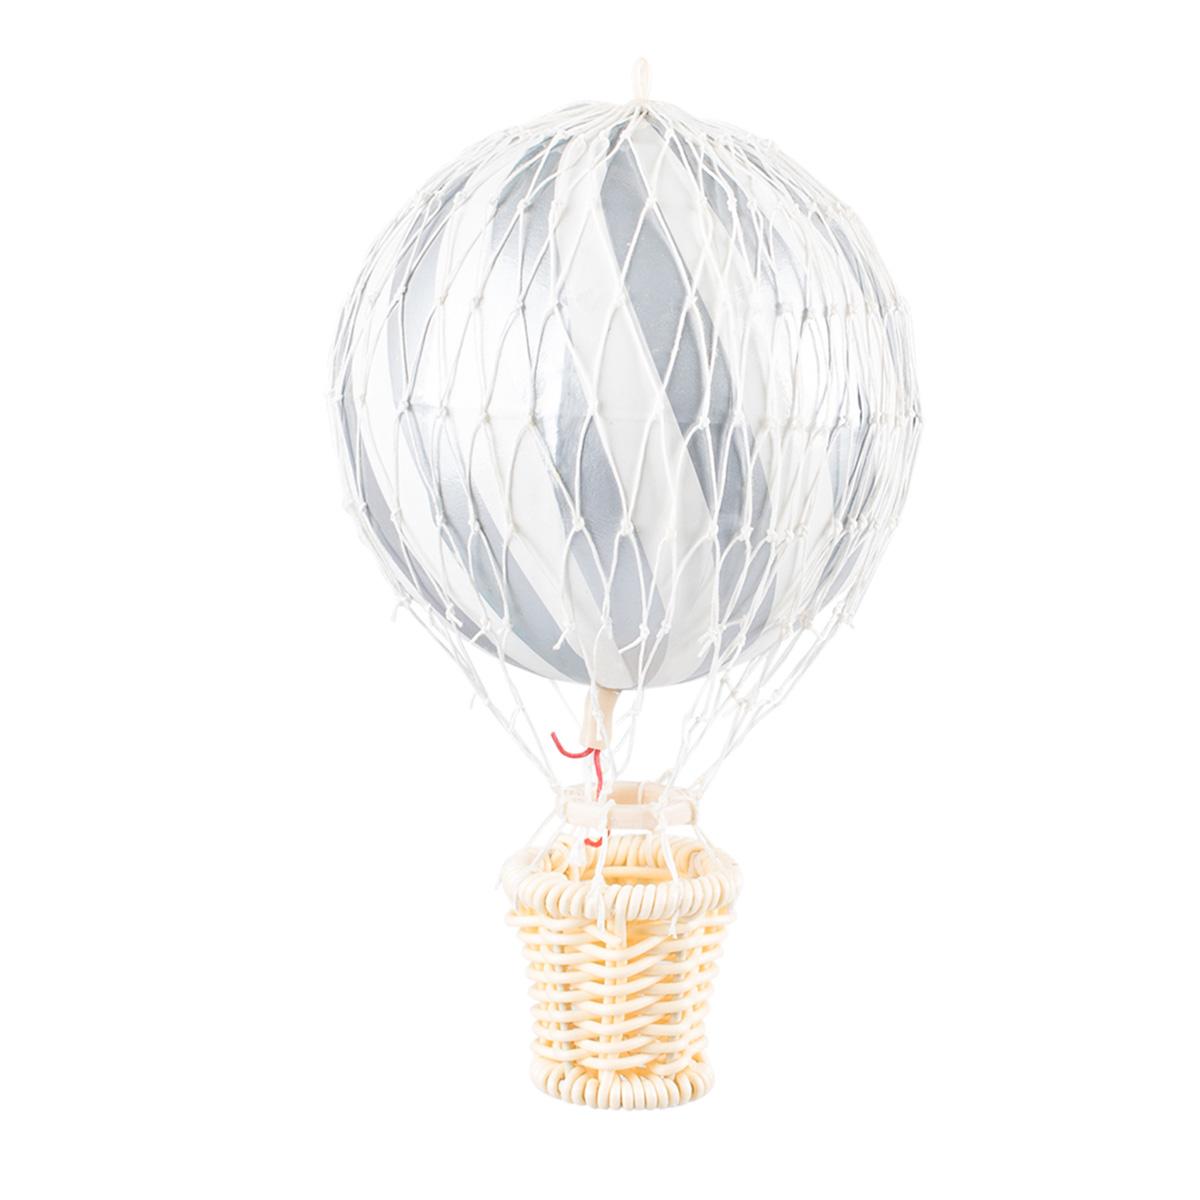 Billede af Filibabba luftballon - Sølv